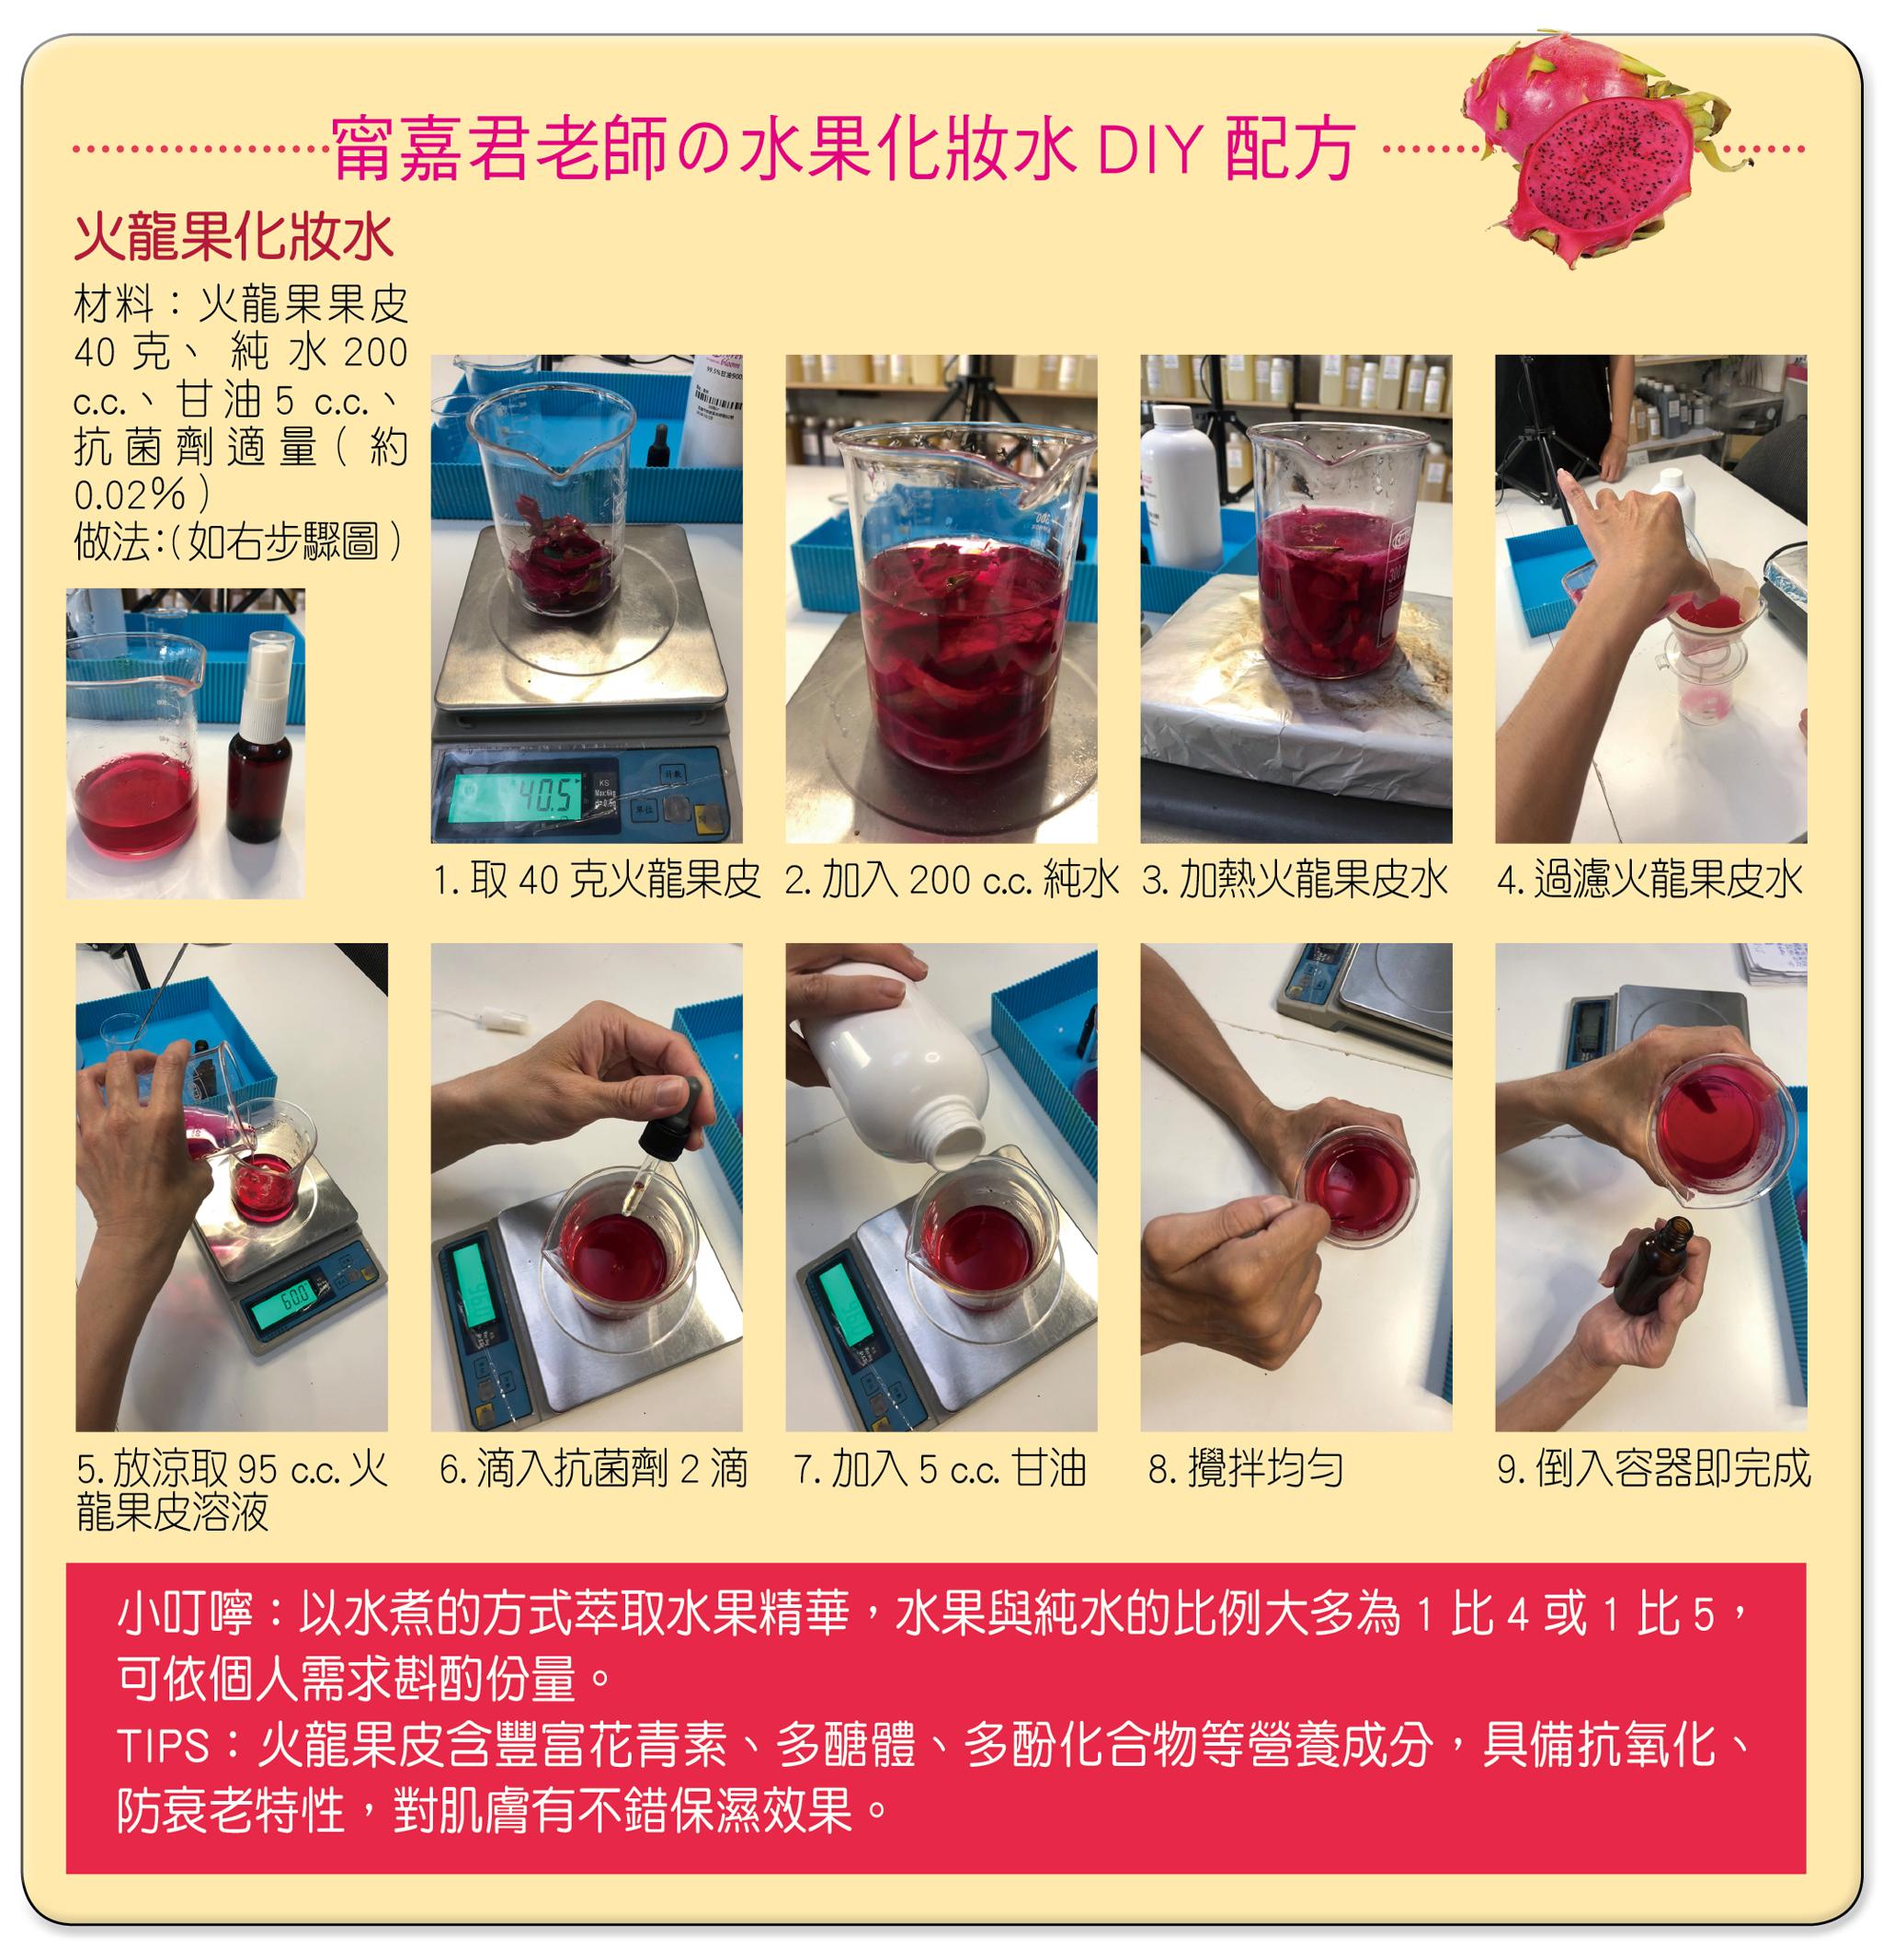 甯嘉君老師親自示範DIY火龍果化妝水。